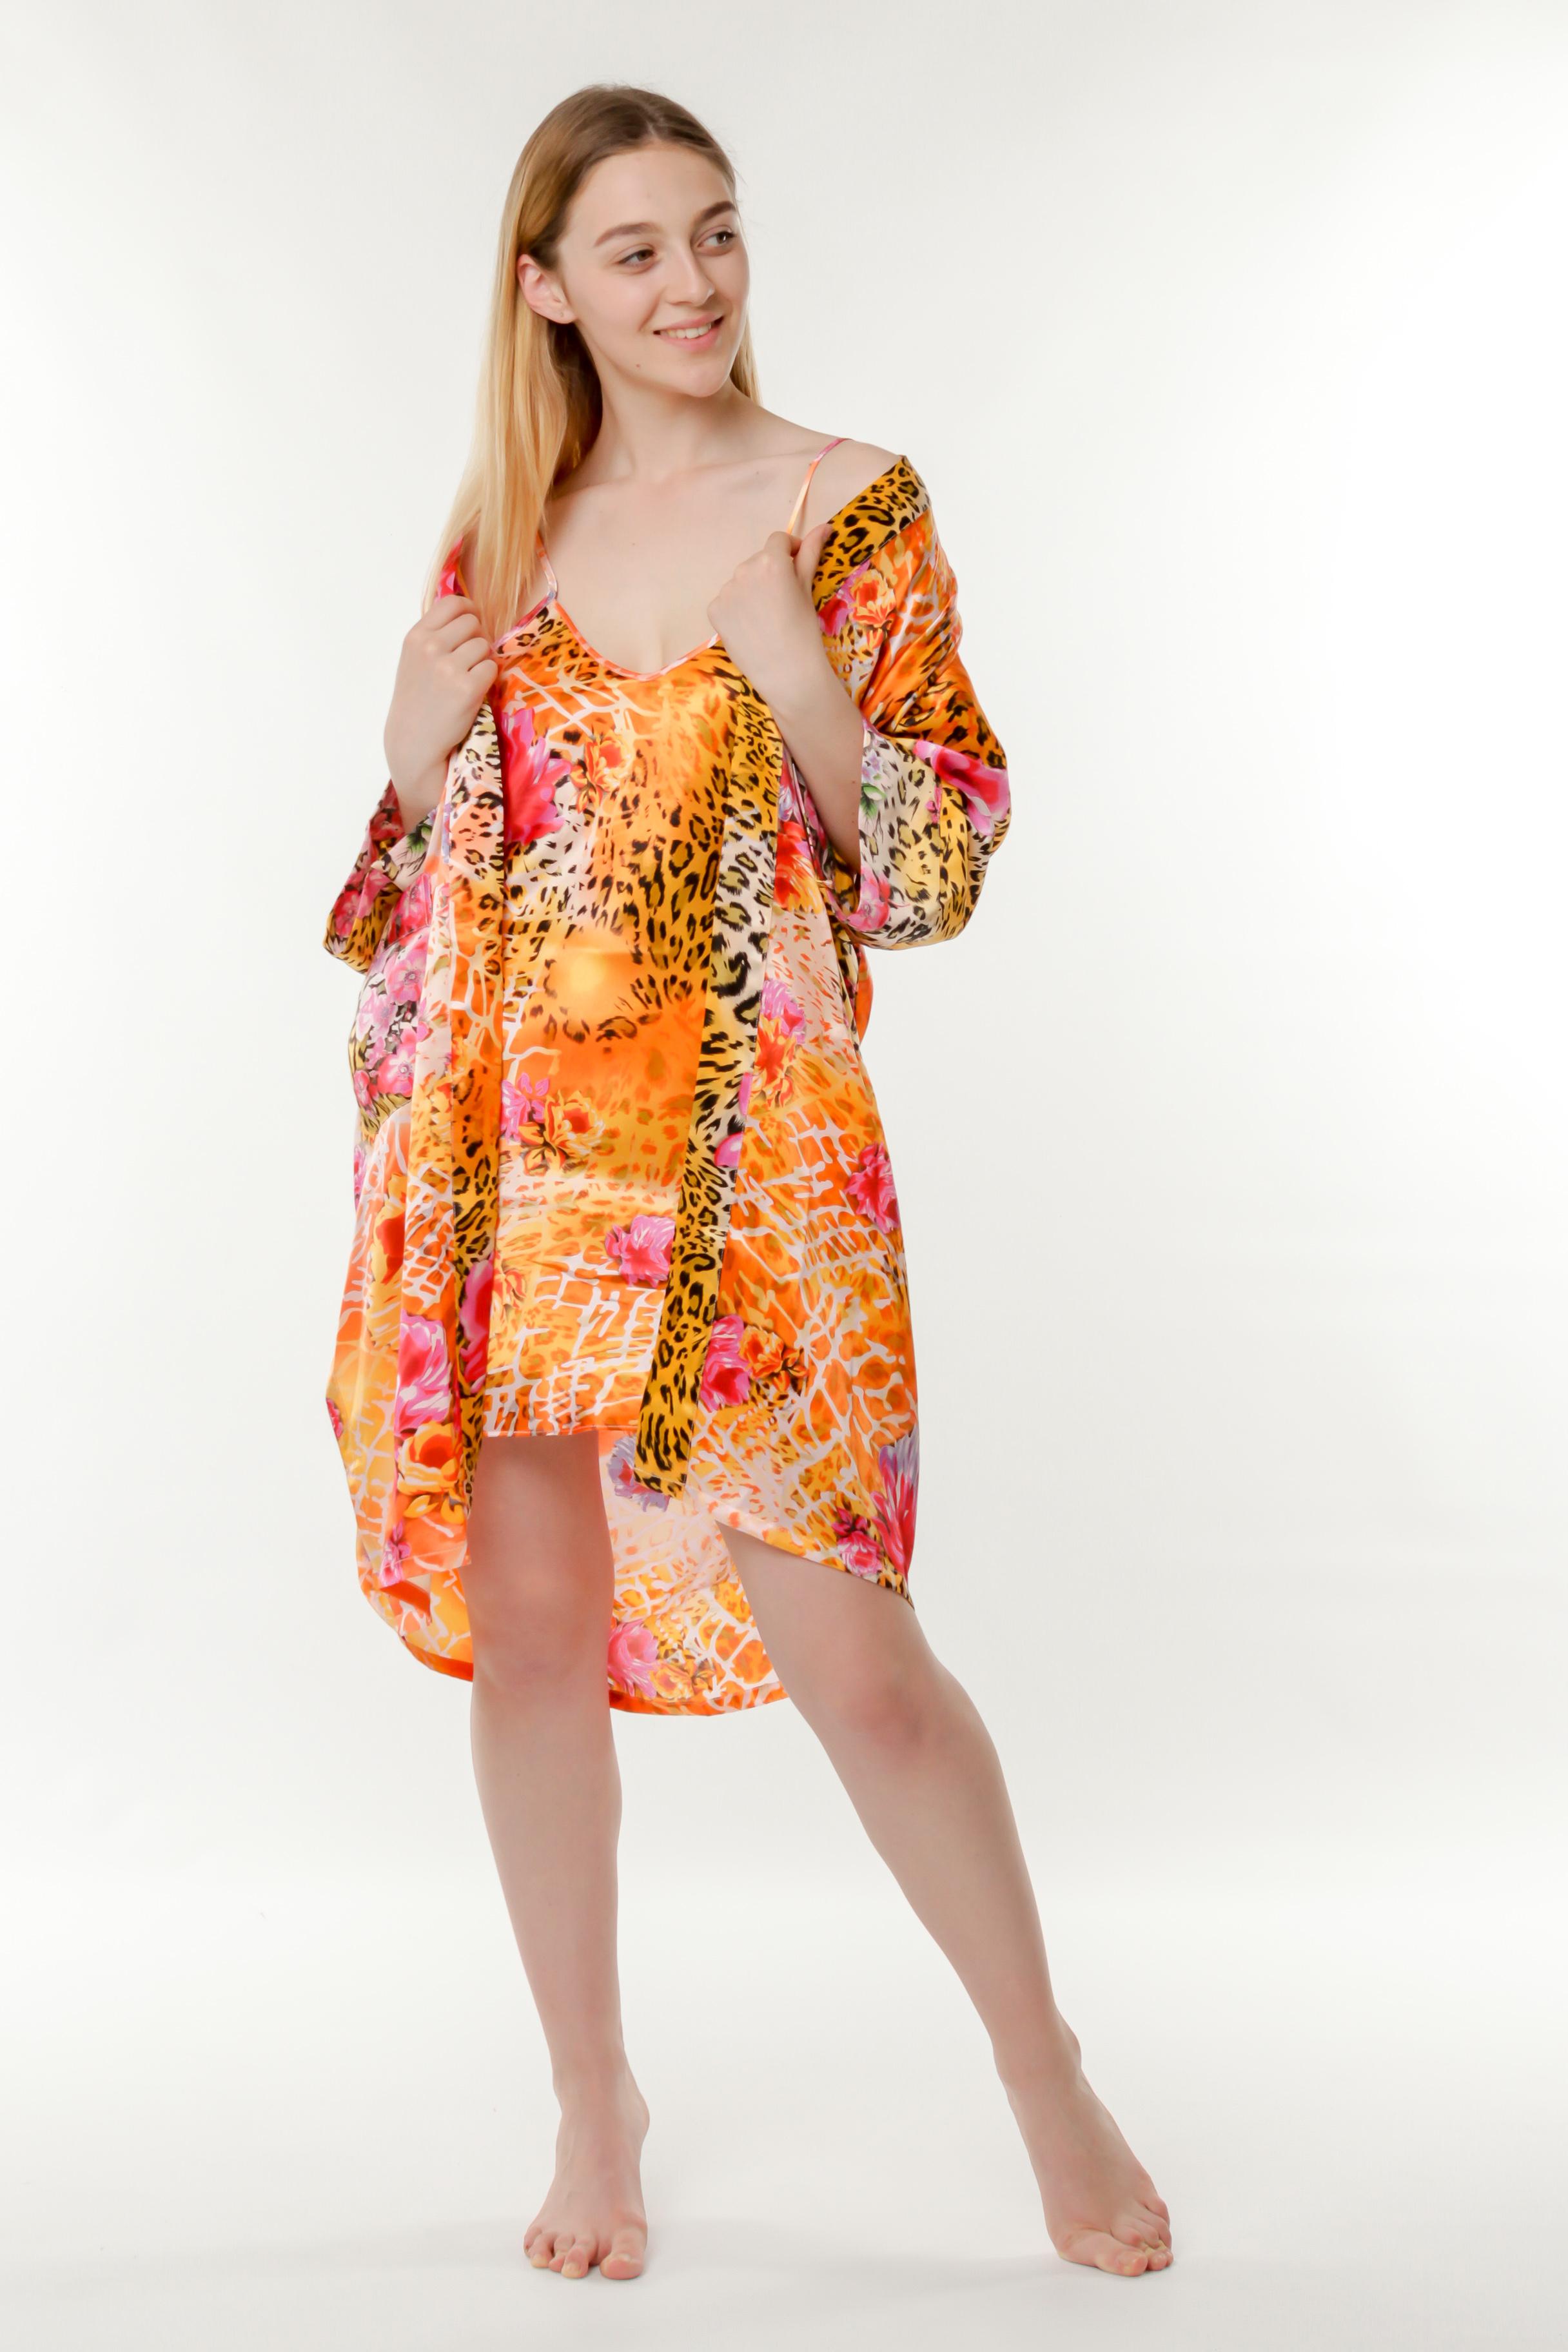 57fd4482cea1b Купить Набор ночная сорочка и халат шелк оранжевый Китай от Китай